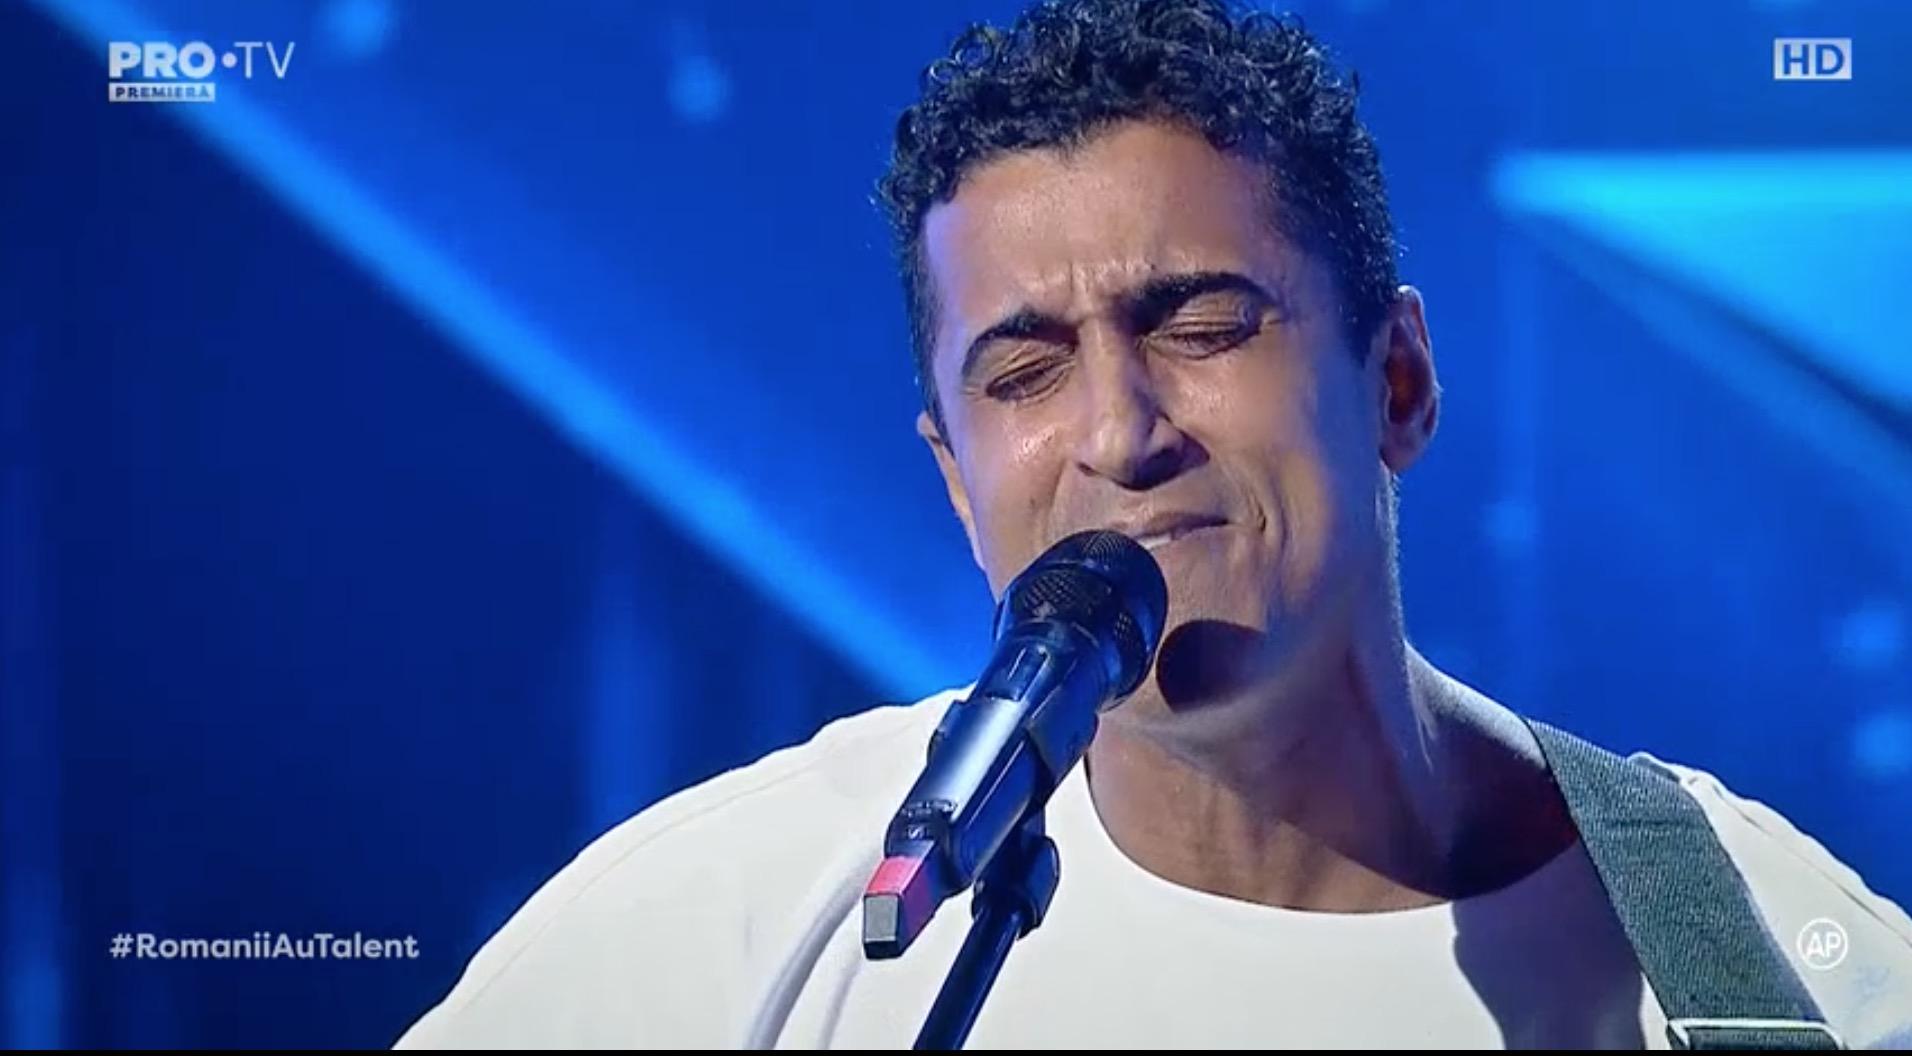 Marcelo Santana Souza a venit din brazilia acum 10 luni si spune ca viata e mai frumoasa aici decat in tara lui natala